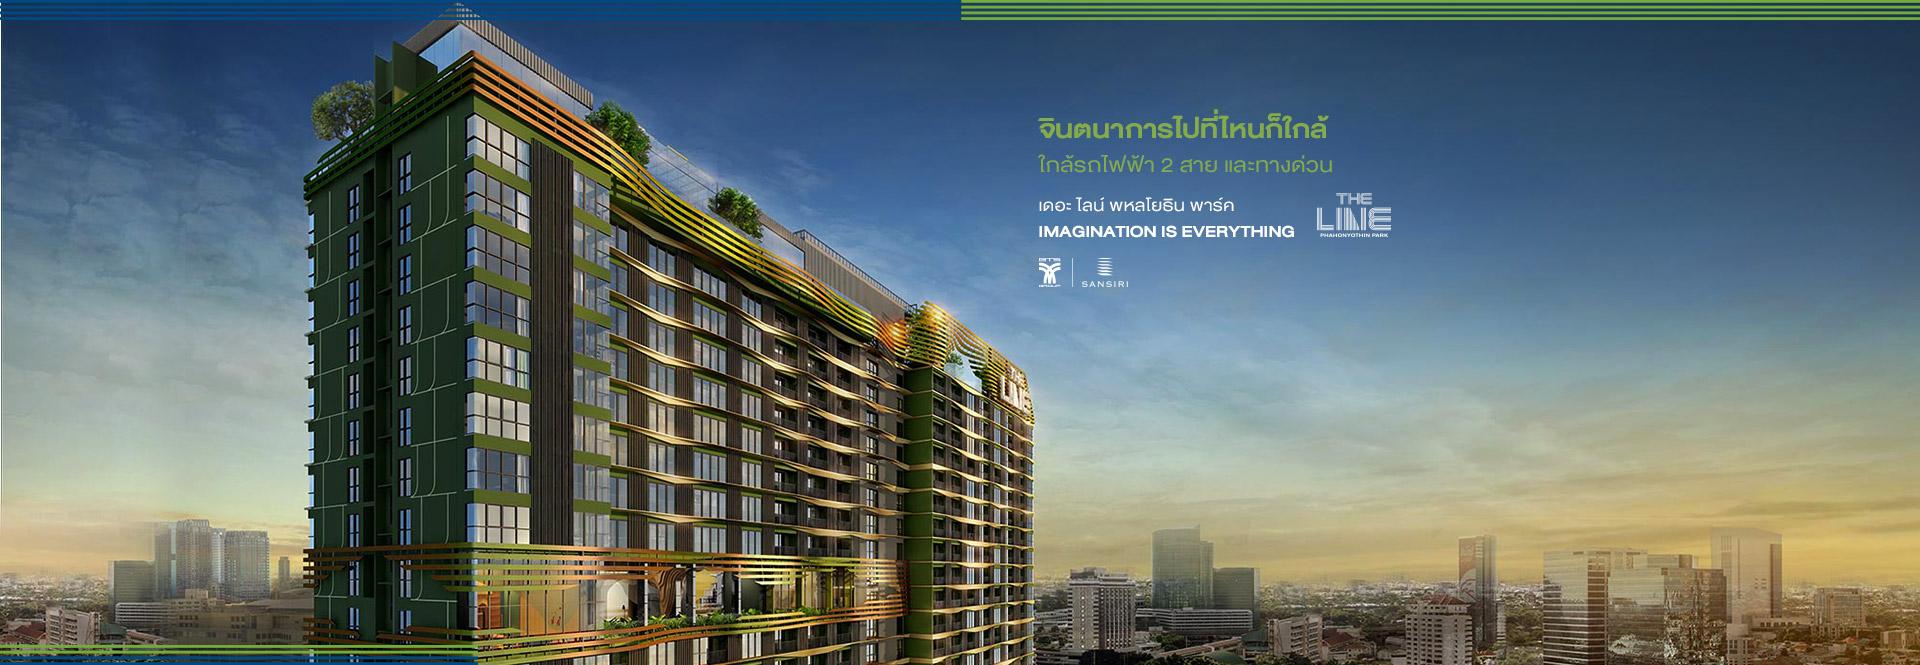 คอนโดมิเนียม - เดอะ ไลน์ พหลโยธิน พาร์ค (THE LINE Phahonyothi Park)